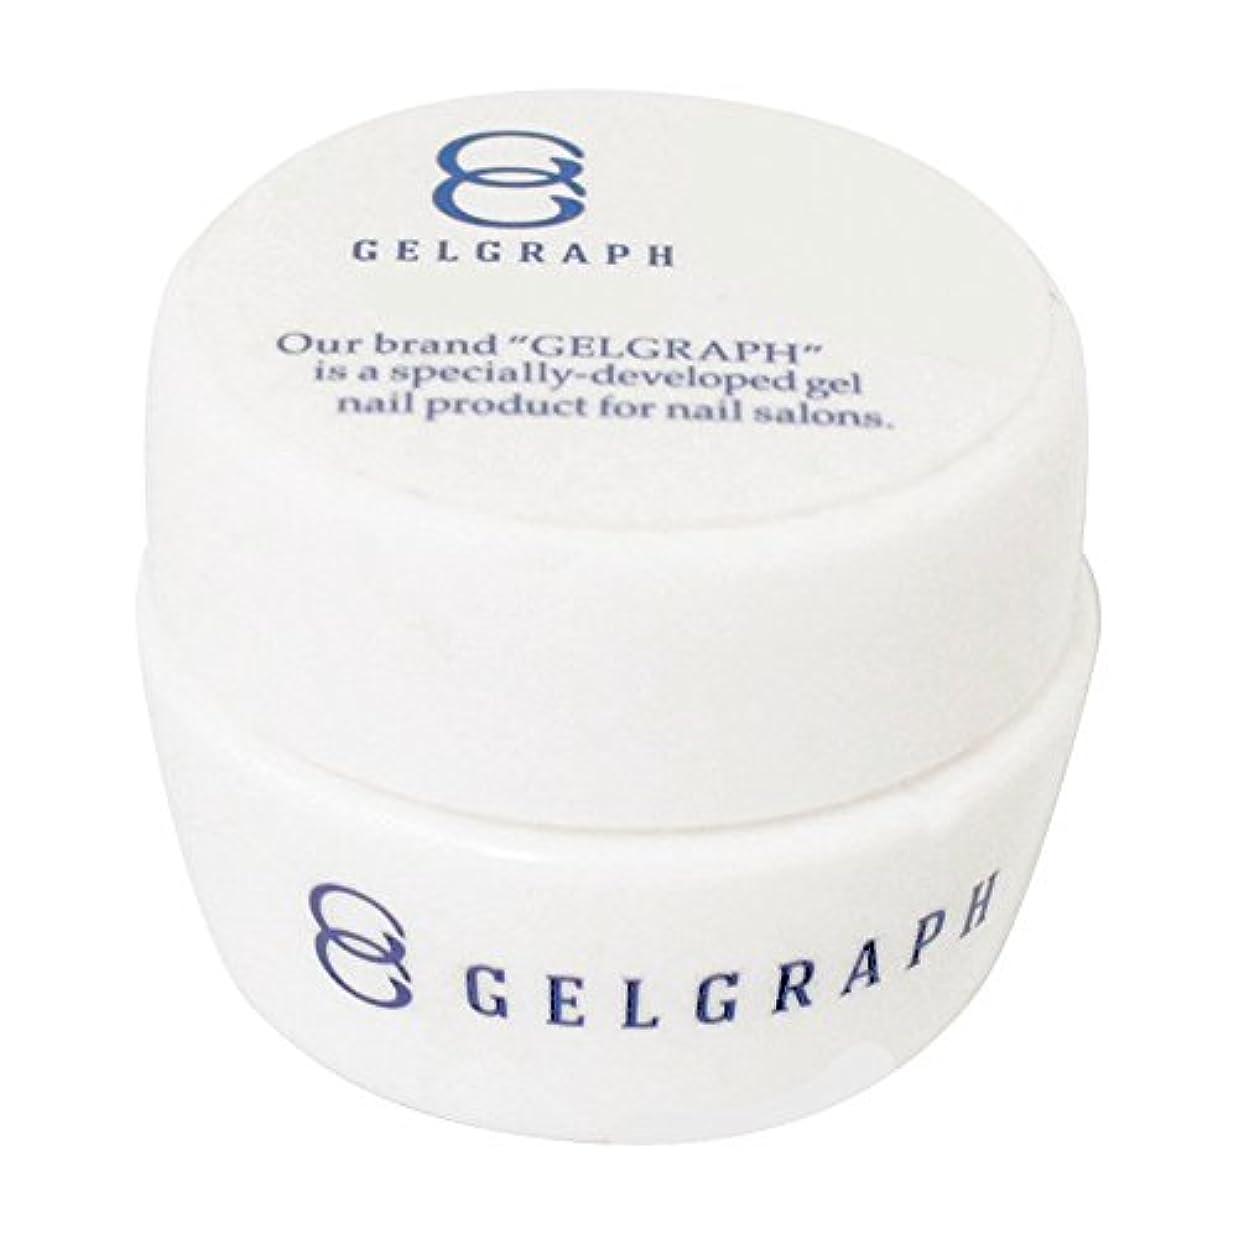 GELGRAPH カラージェル 110P アプリコットオレンジ 5g UV/LED対応 ソークオフジェル